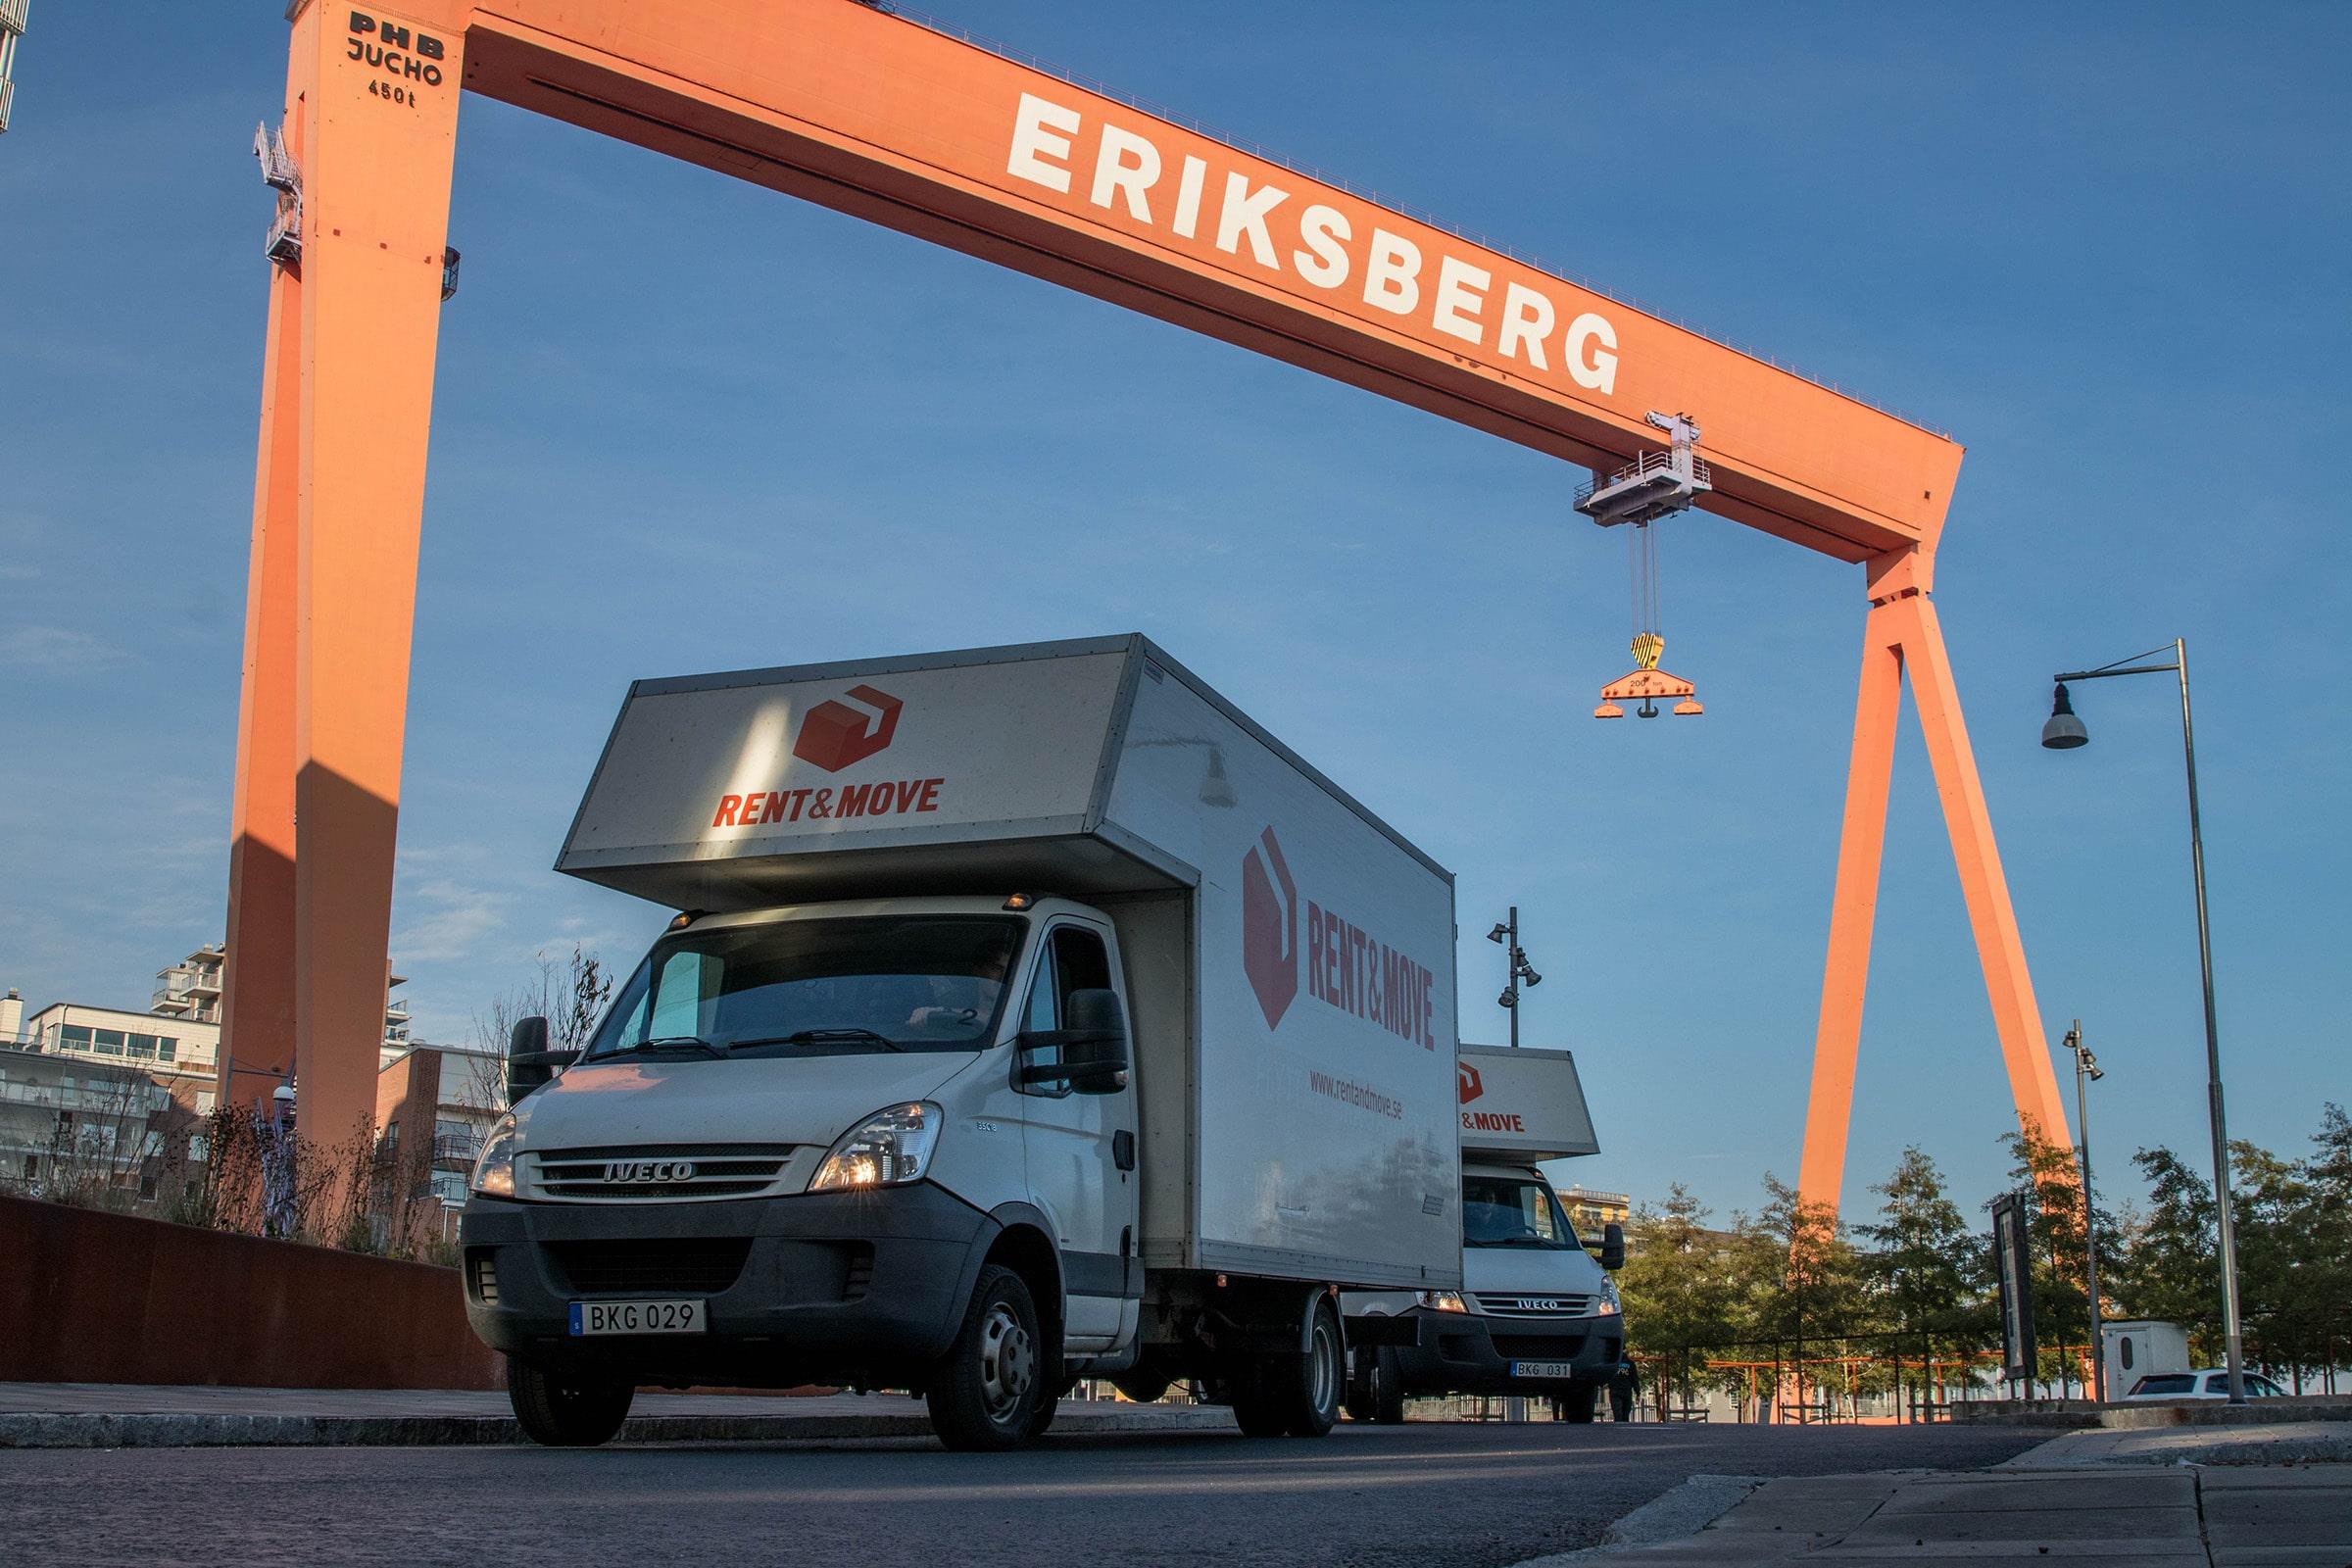 Flyttfirma i Göteborg - Rent & Move - Välkomstbild